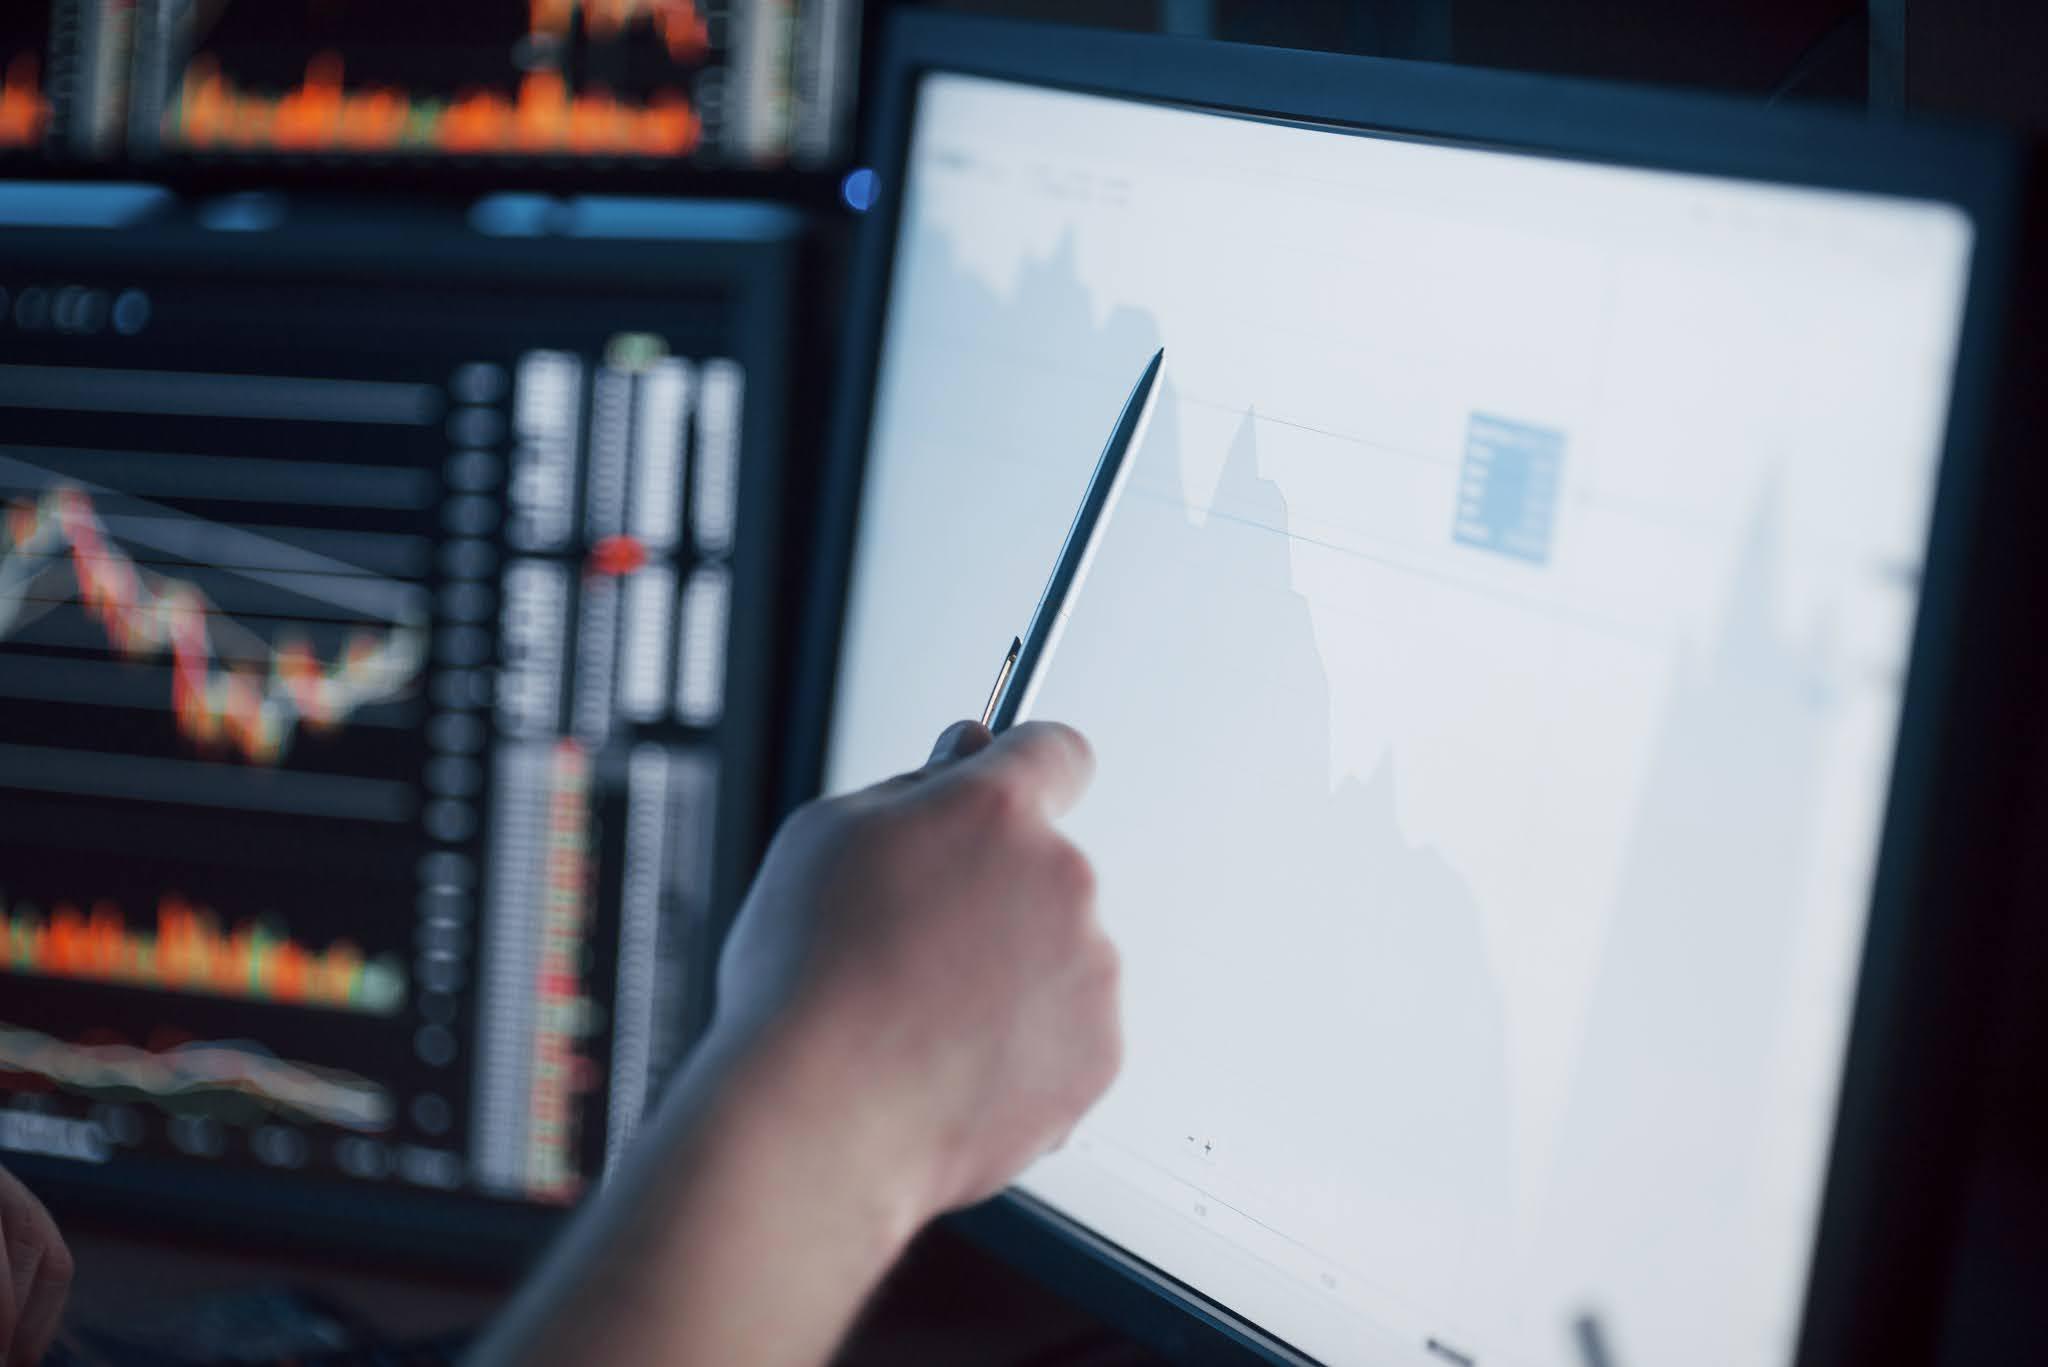 مجمع دبي الرقمي يوفر 60 خدمة ذكية ضمن منصة موحدة